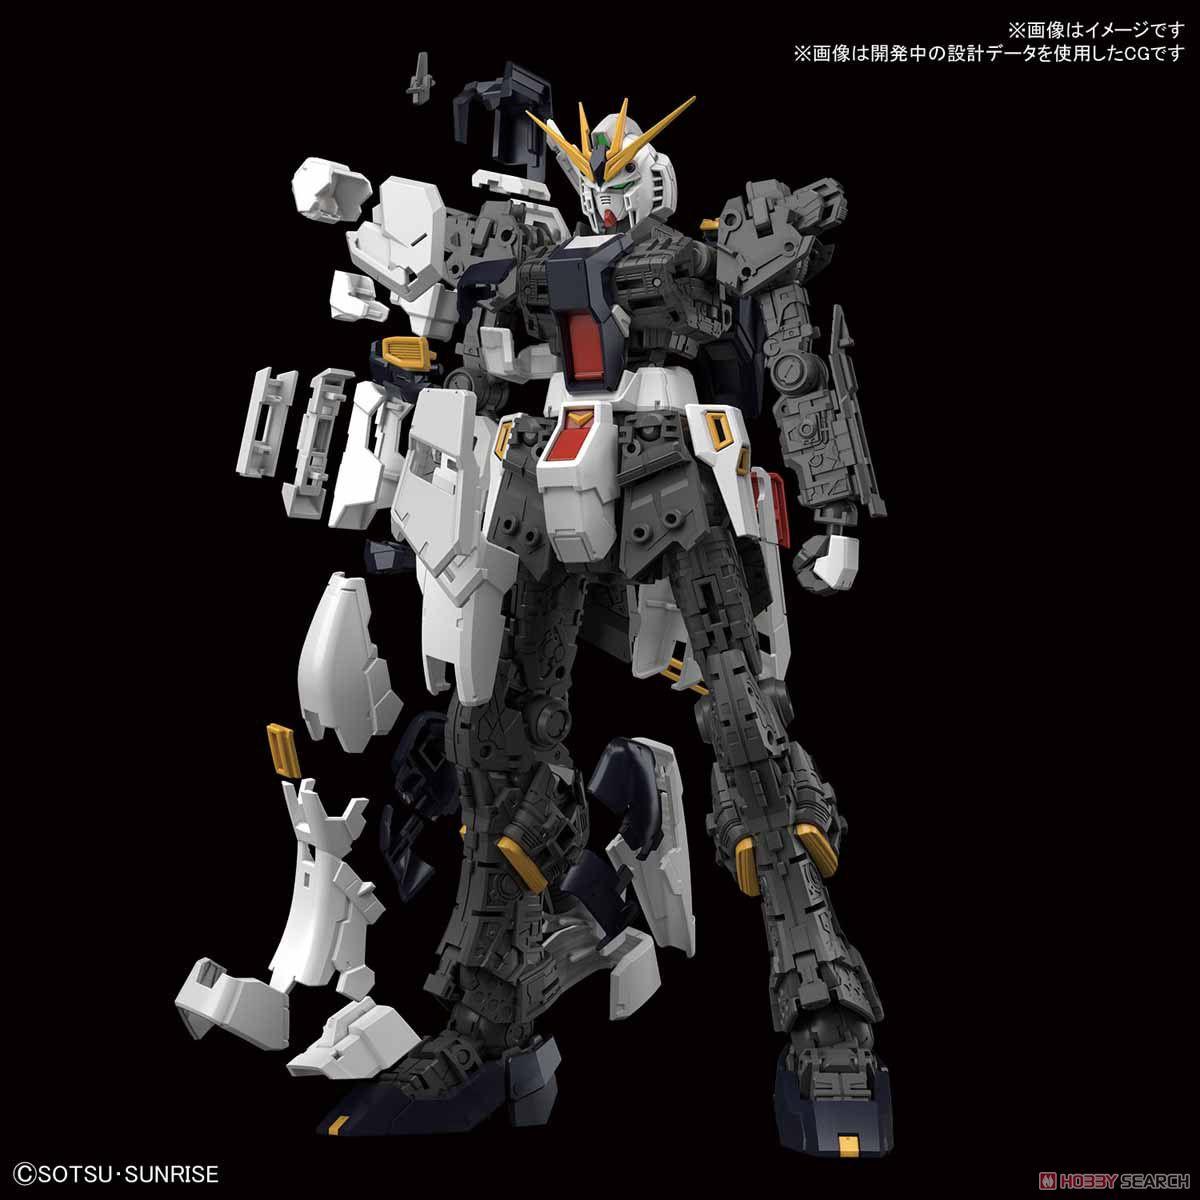 【再販】RG 1/144『νガンダム』逆襲のシャア プラモデル-004